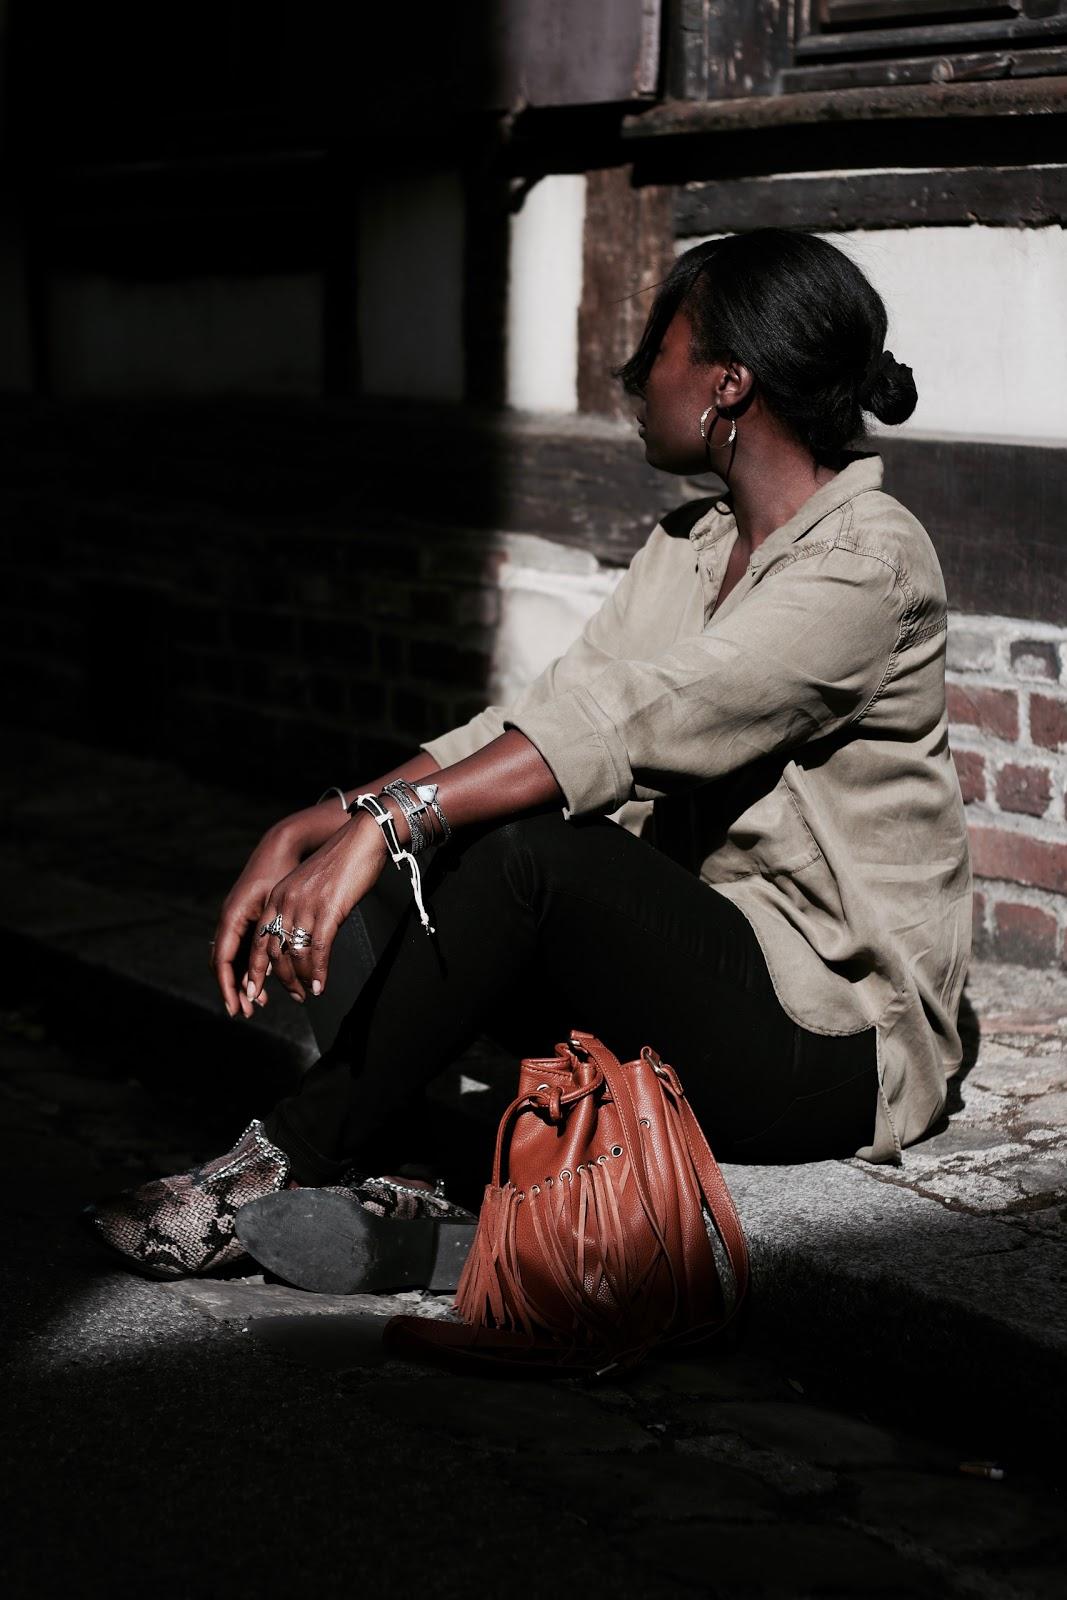 casual-chic-kaki-chemise-jeans-noir-bottines-asos